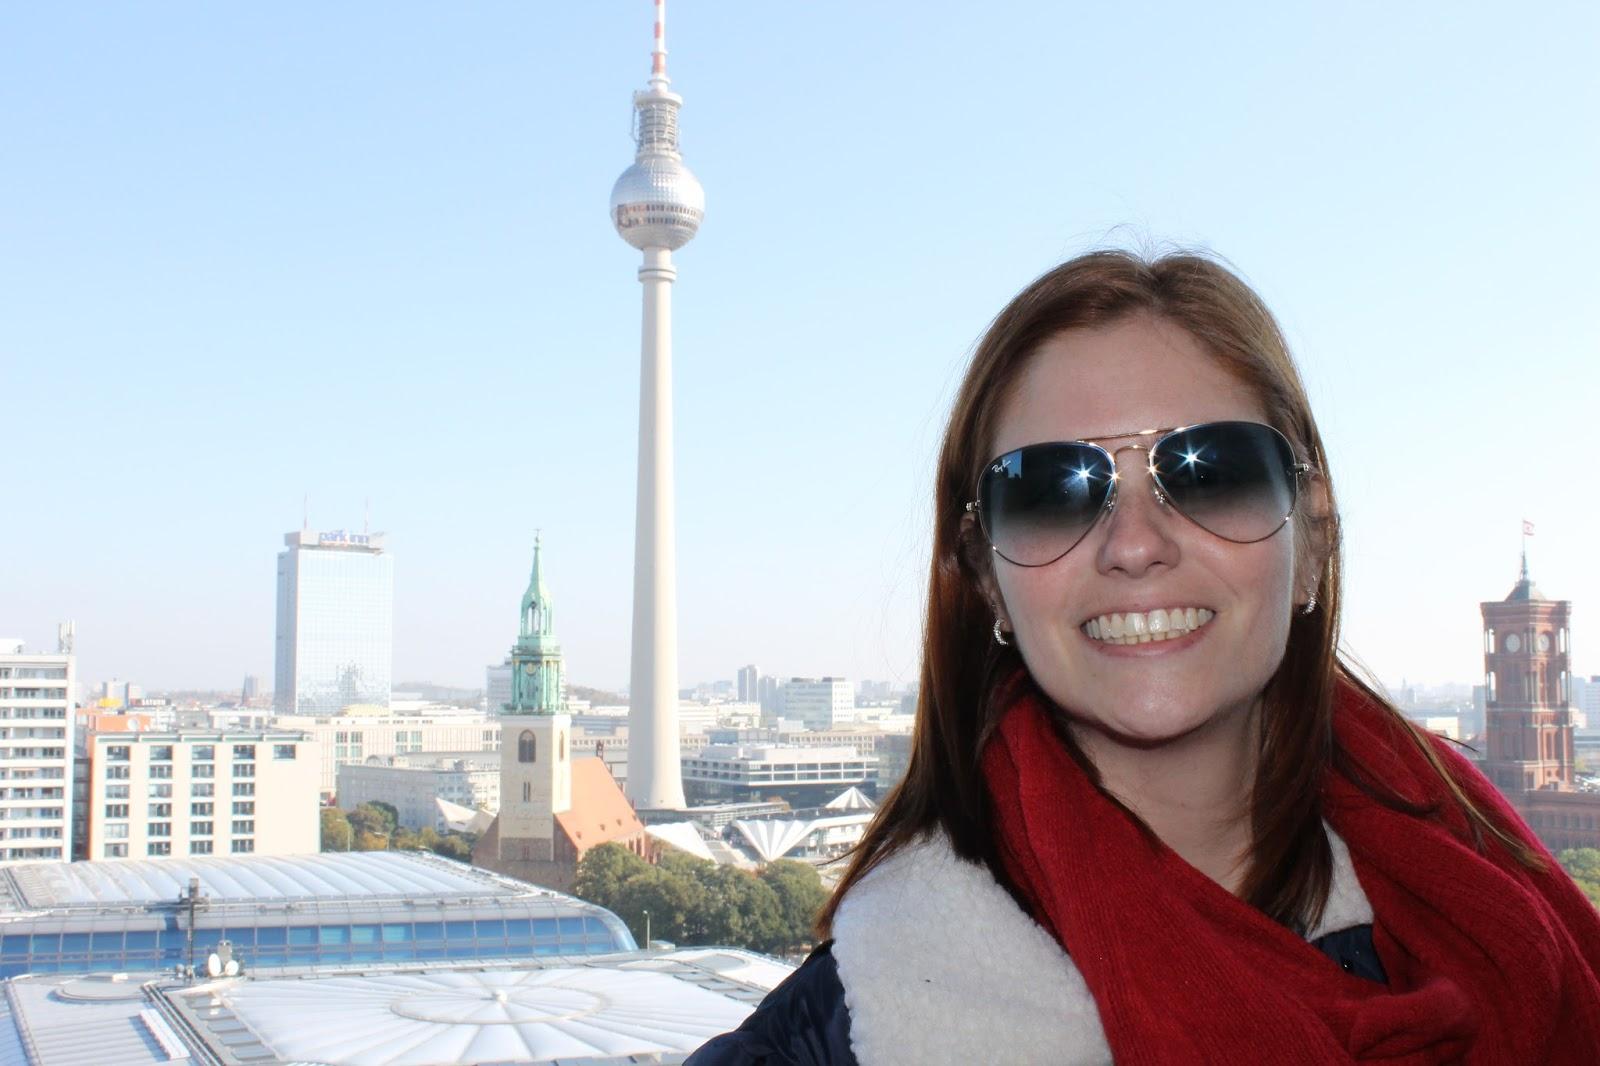 Berliner Fernsehturm - Berlin